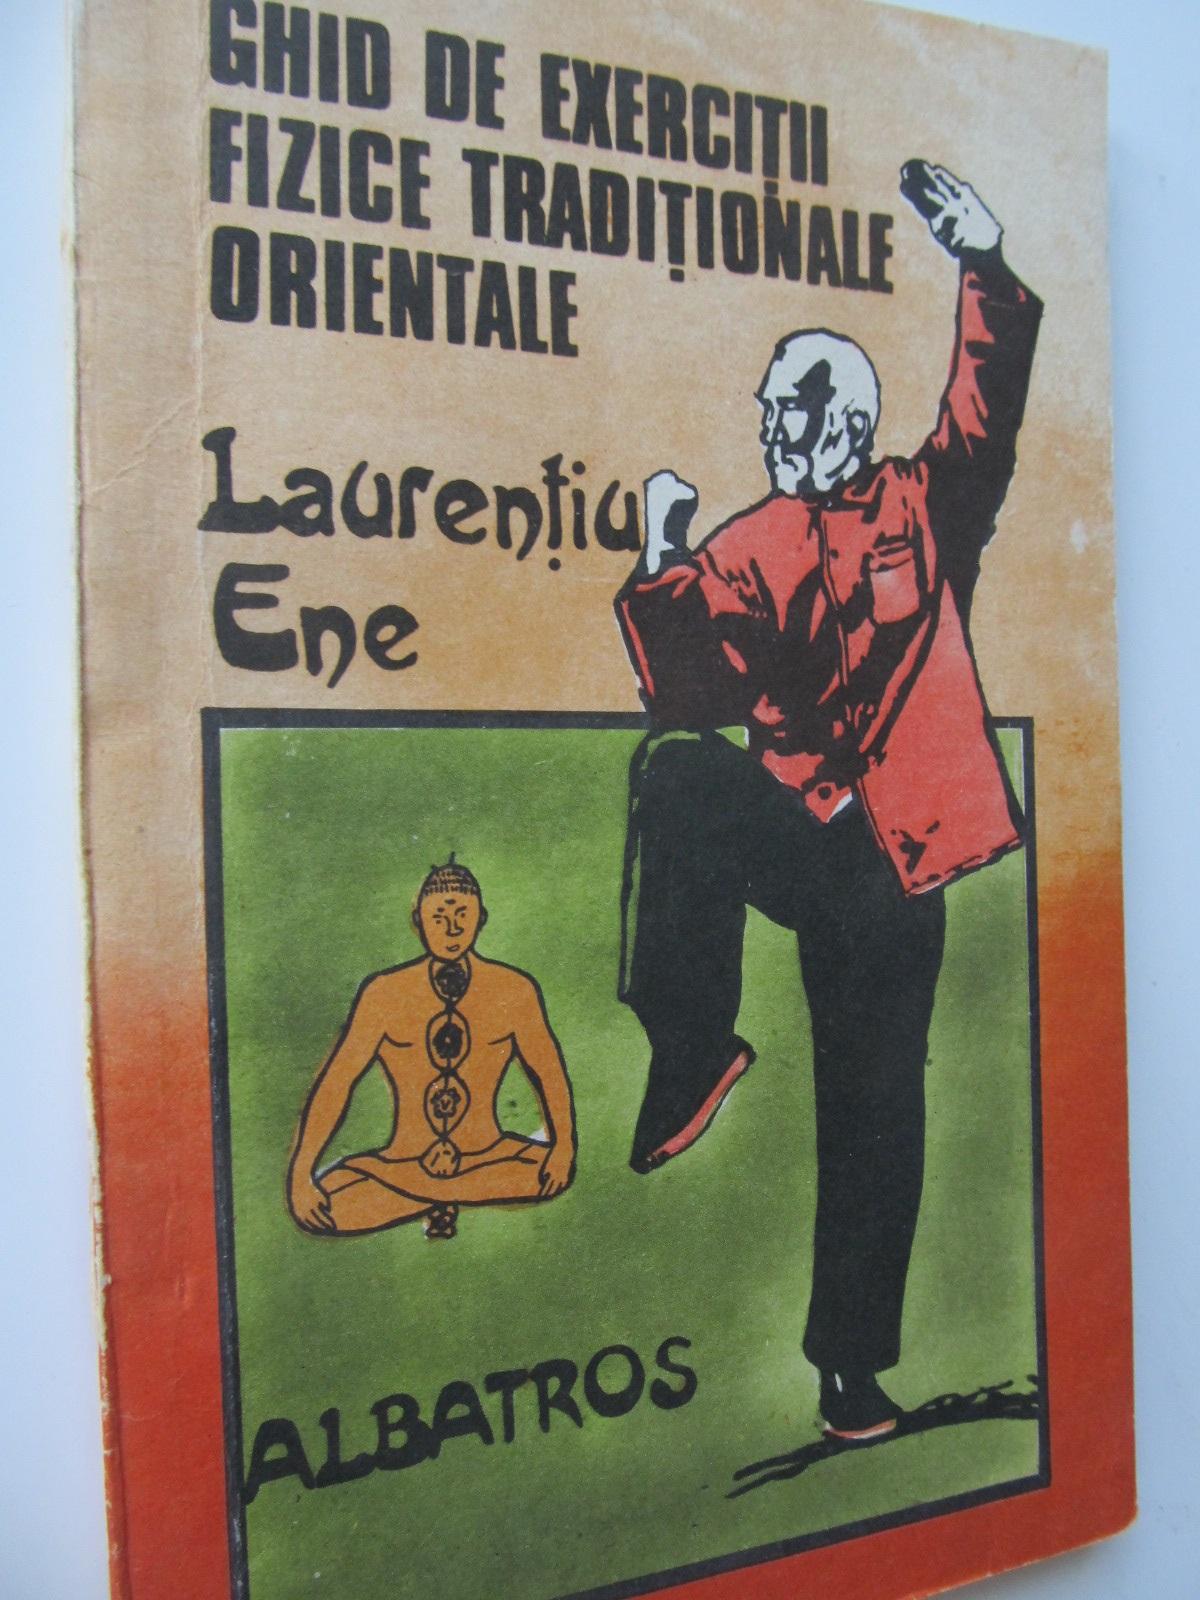 Ghid de exercitii fizice traditionale orientale - Laurentiu Ene | Detalii carte